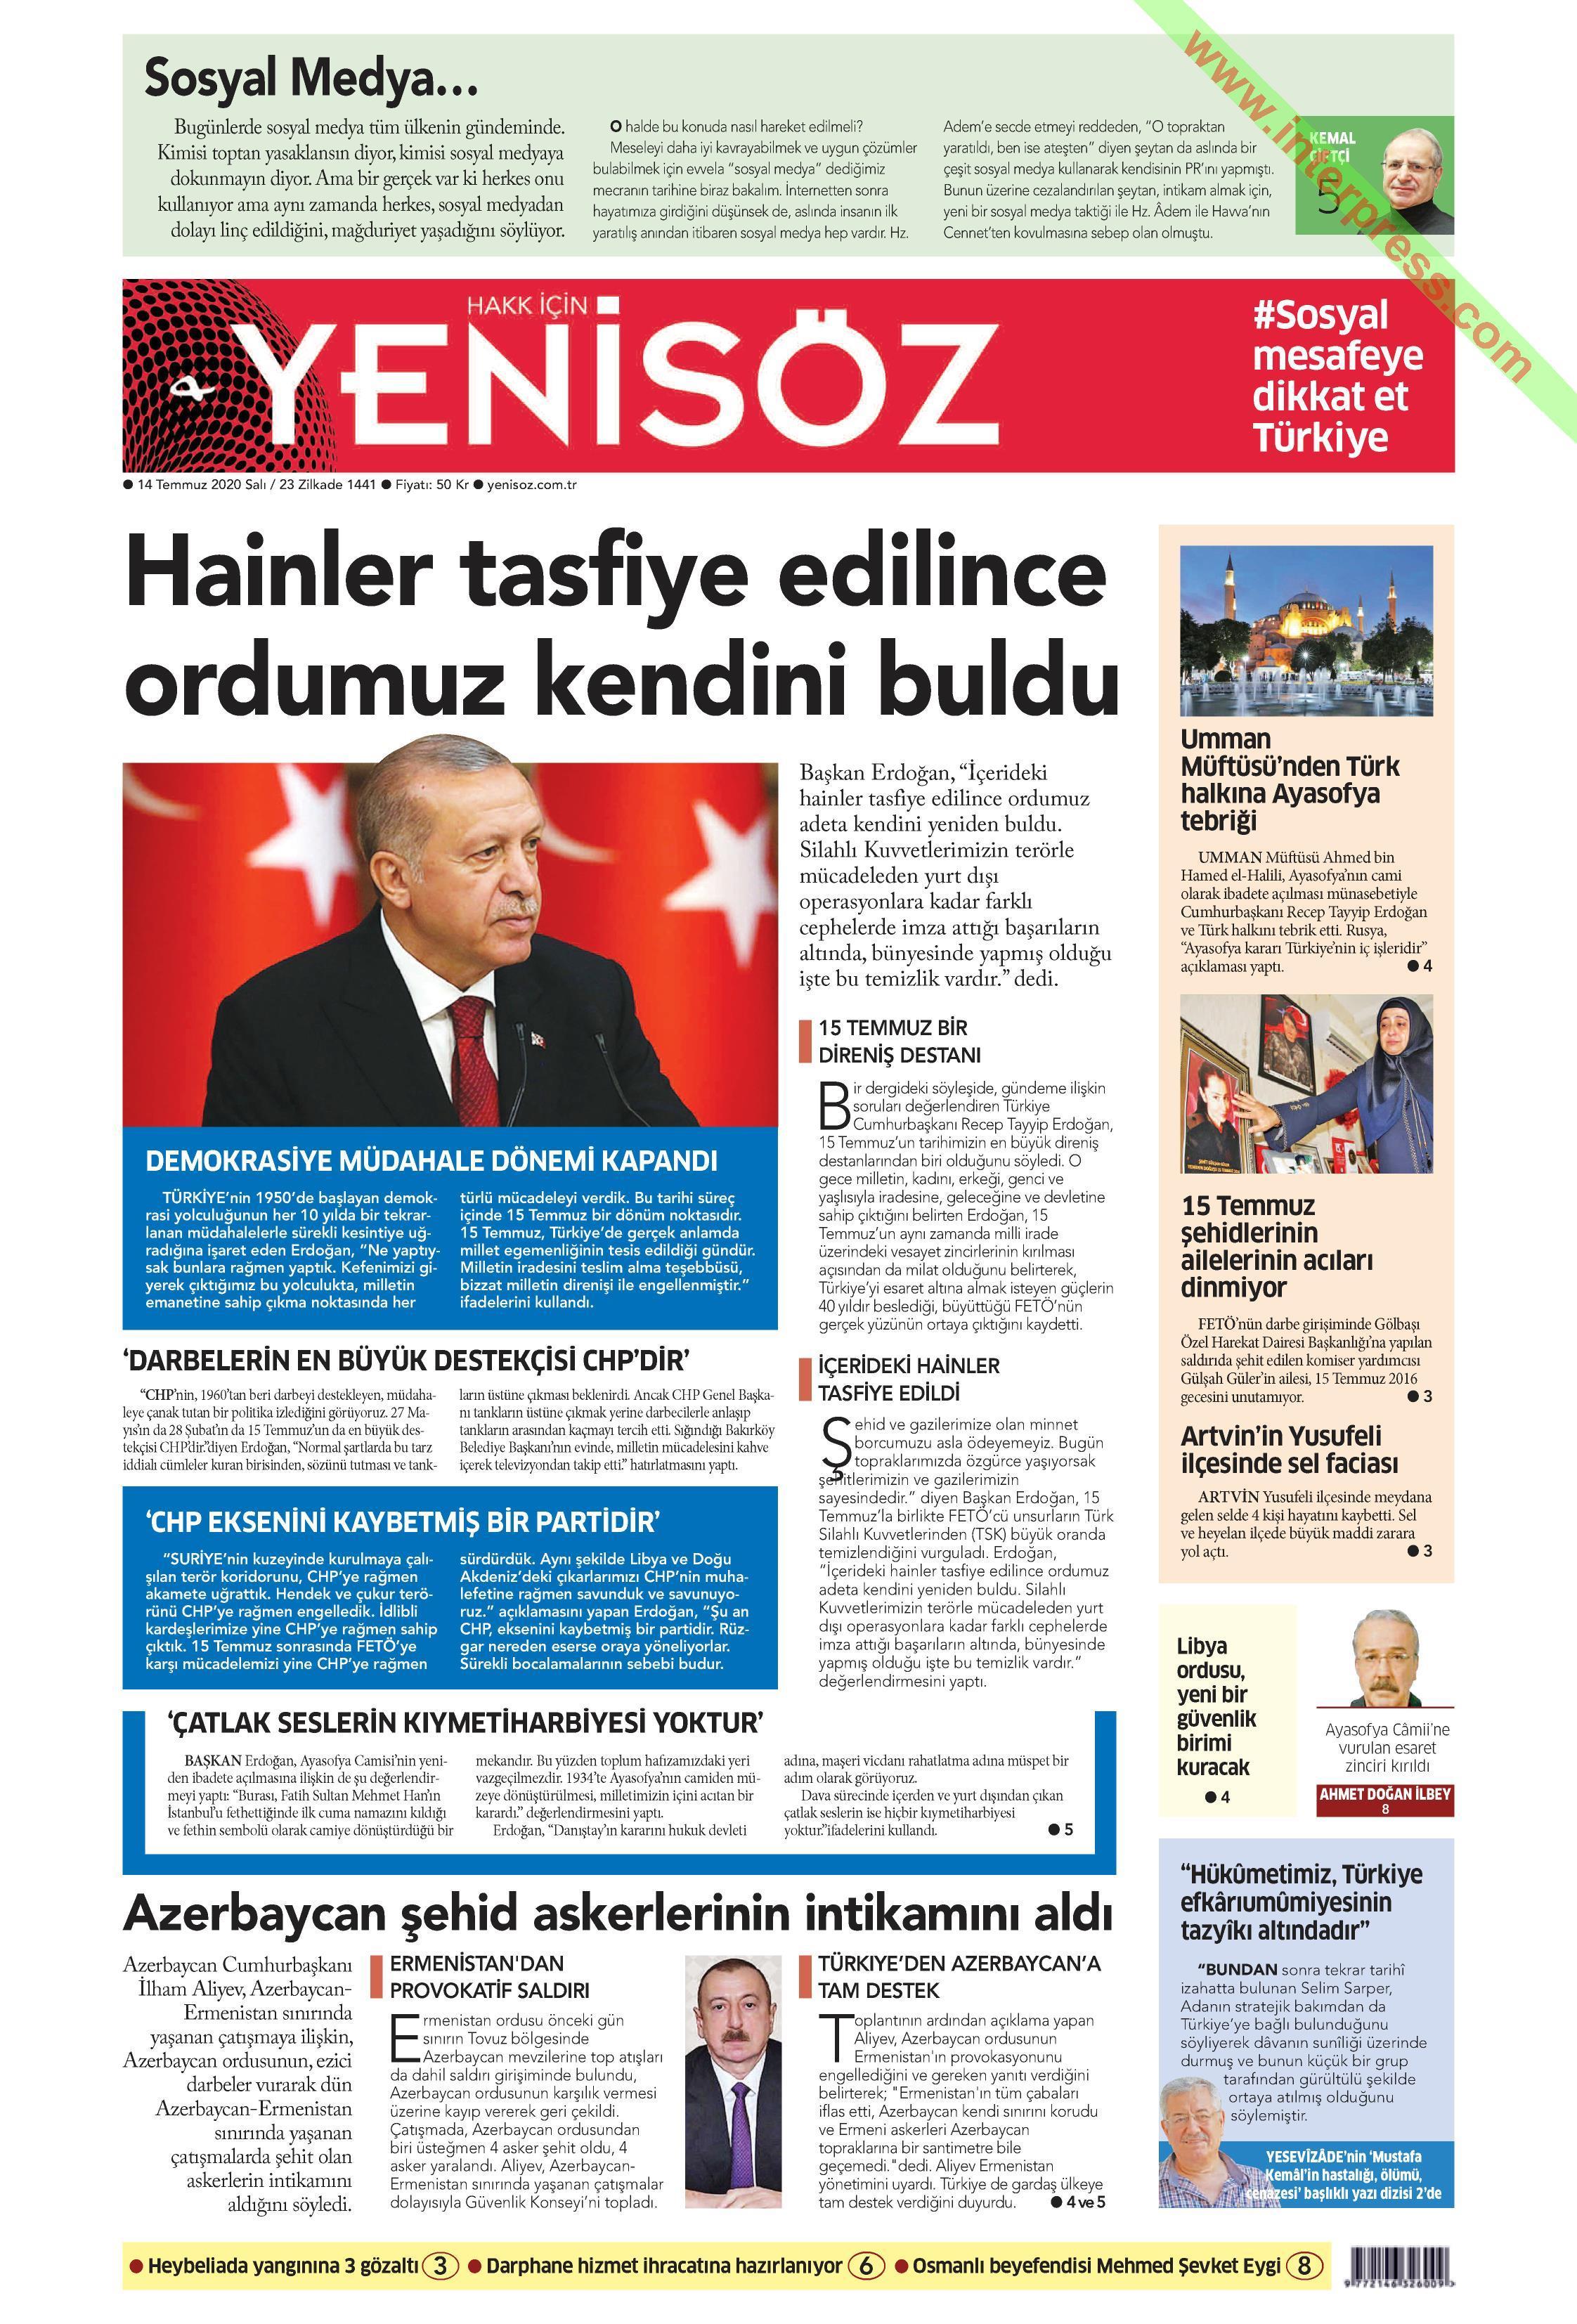 Yeni Söz gazetesi manşet ilk sayfa oku